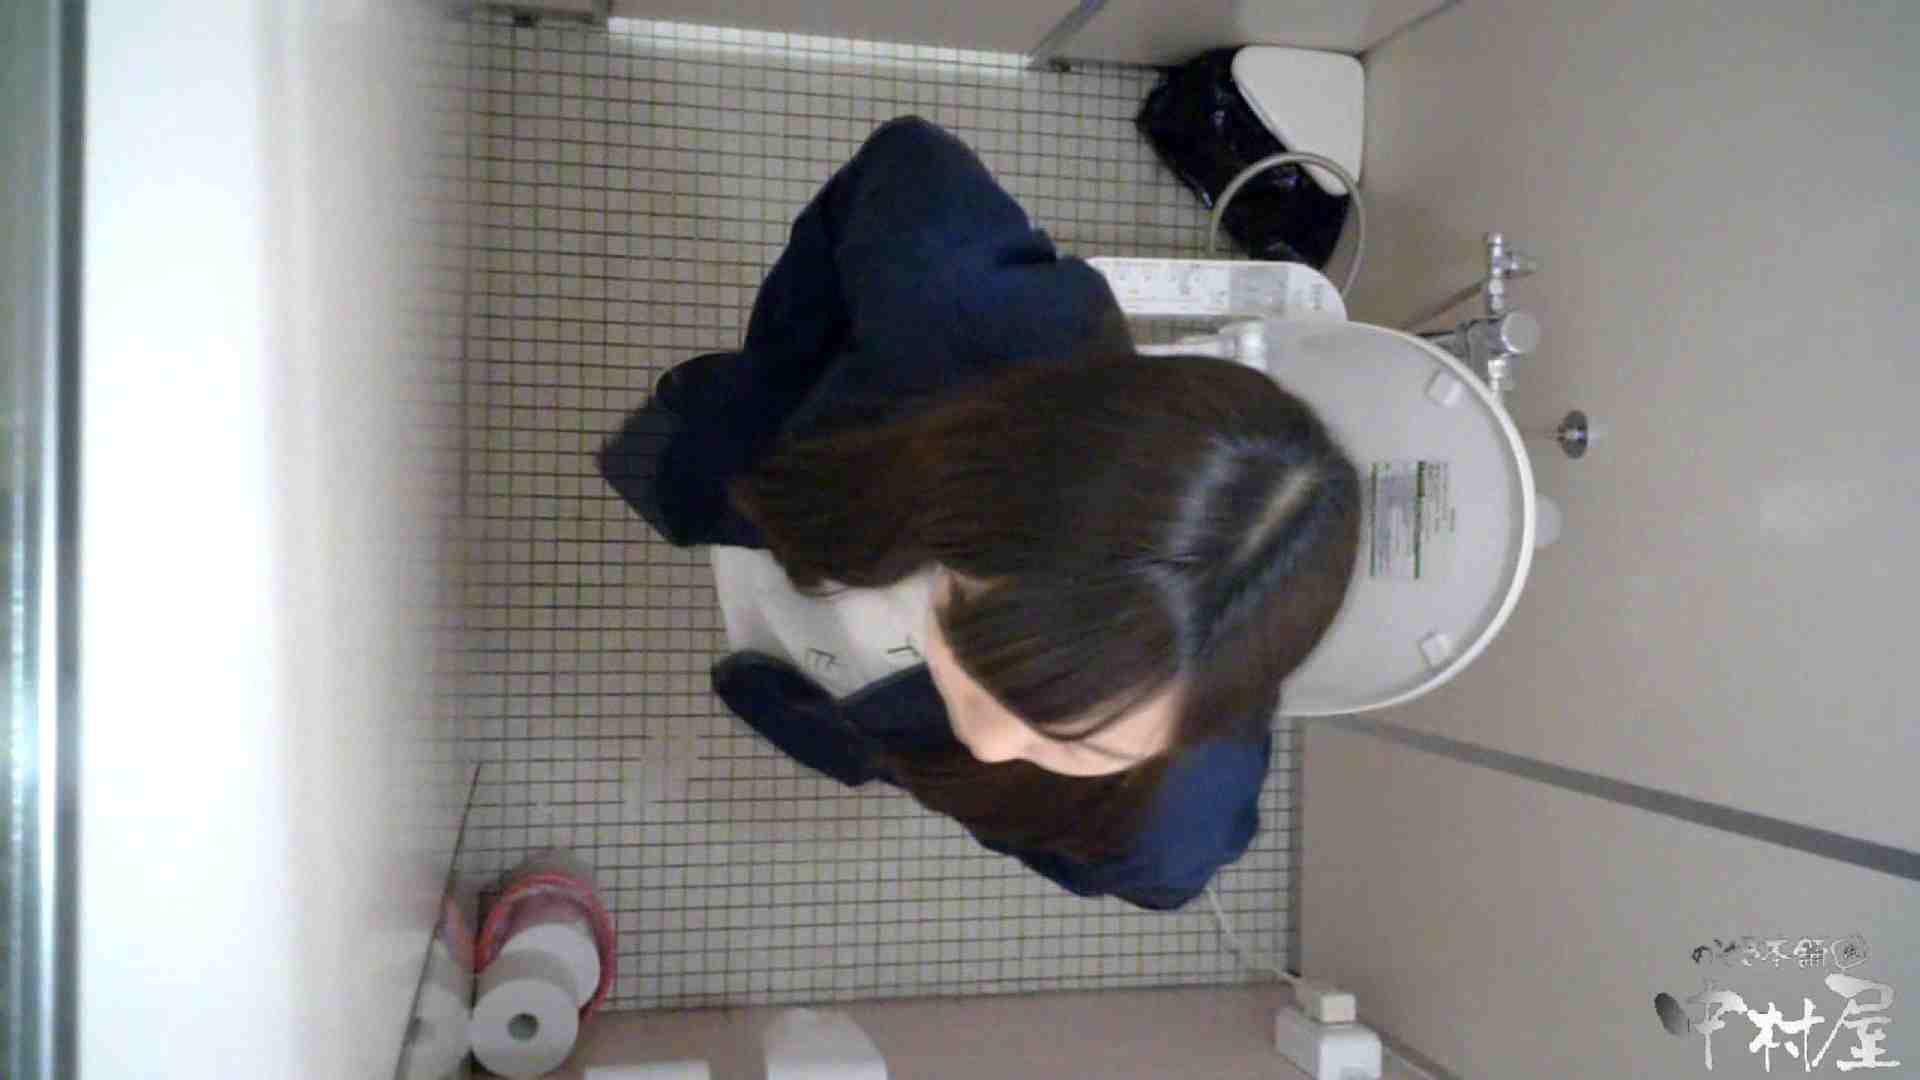 【某有名大学女性洗面所】有名大学女性洗面所 vol.43 いつみても神秘的な世界です。 0 | 0  102連発 33